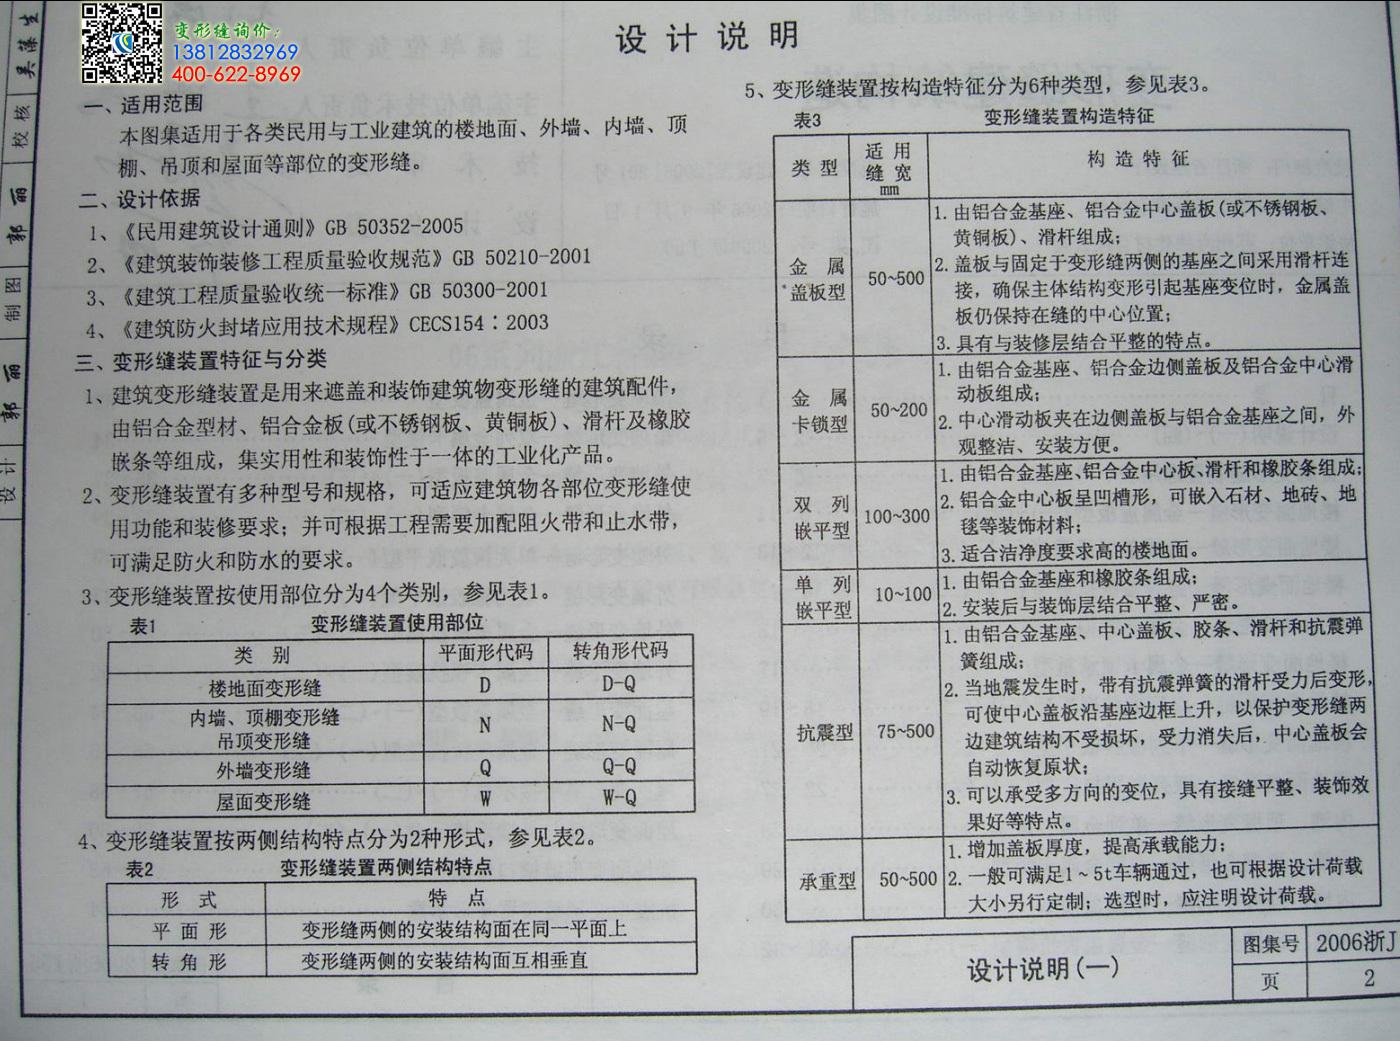 2006浙j55变形缝图集第2页